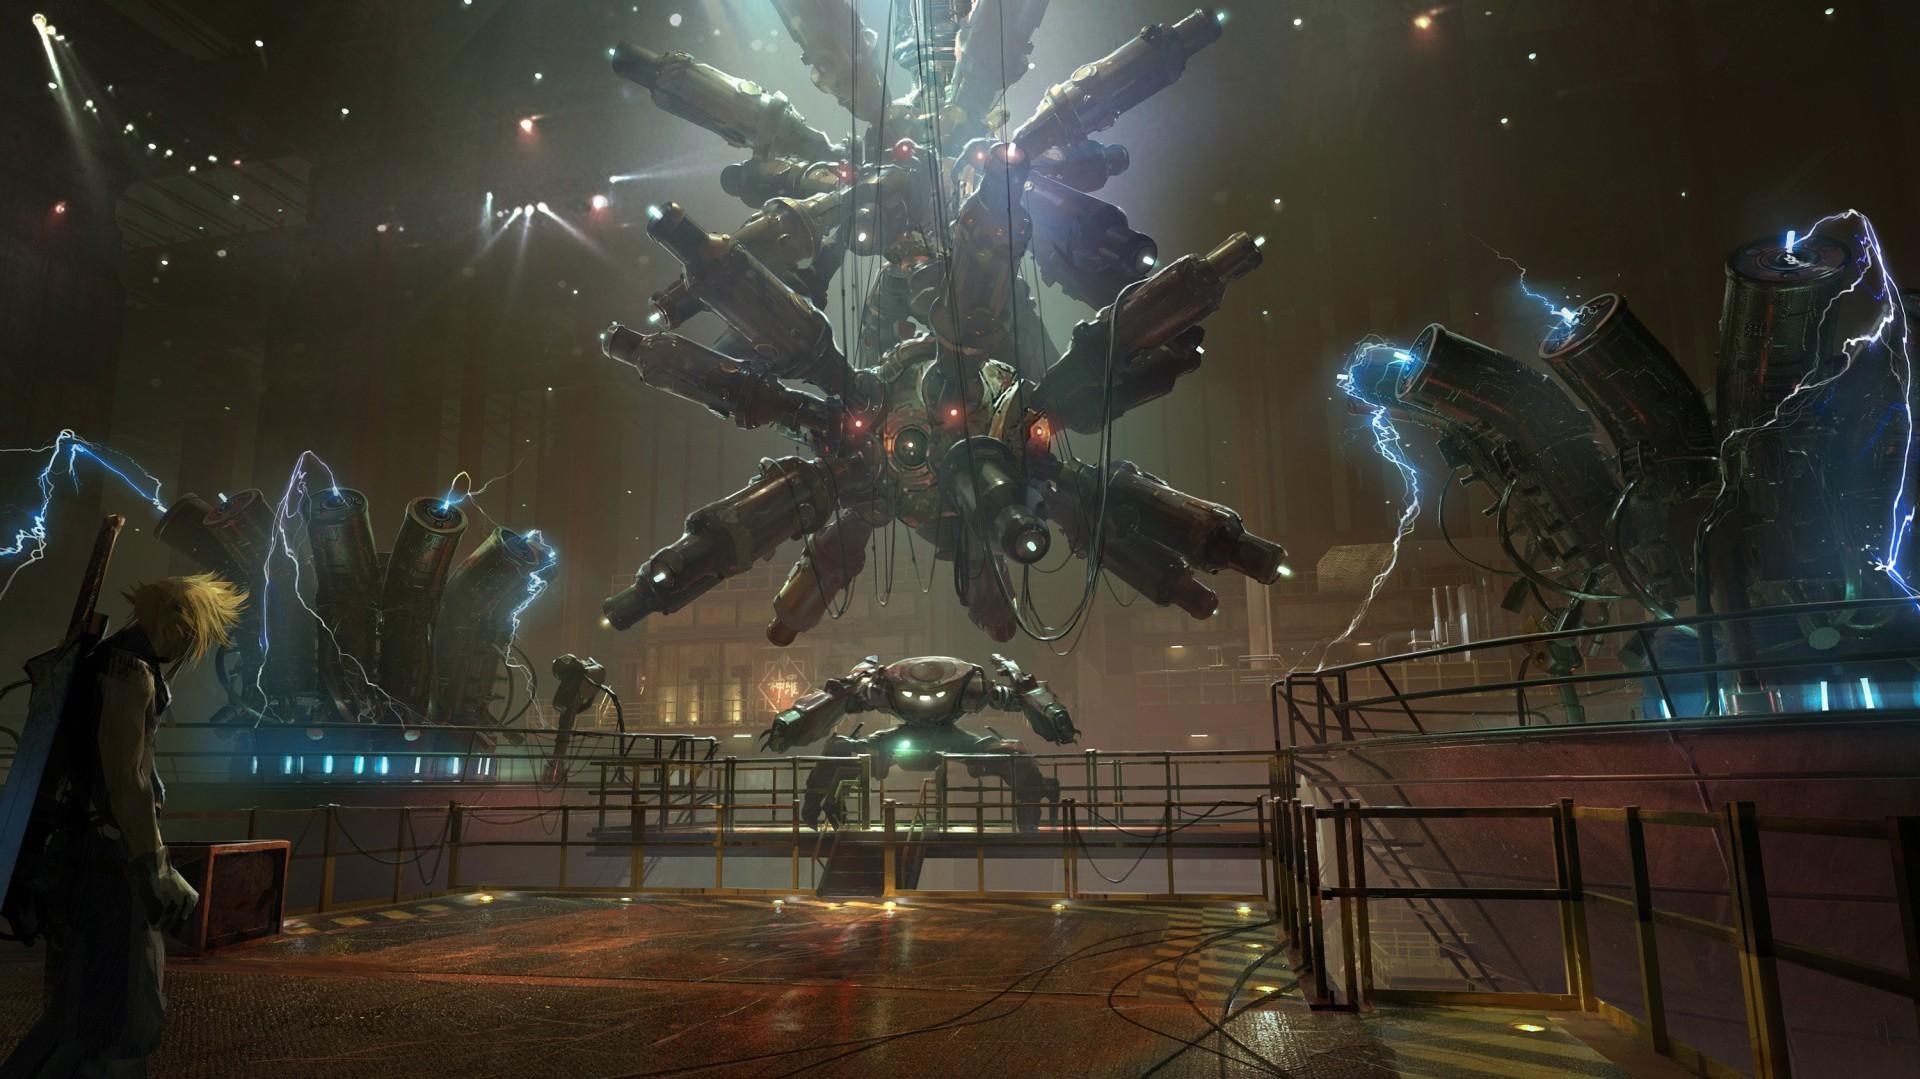 《最终幻想7:重制版》 新概念设计图 游戏场景美轮美奂